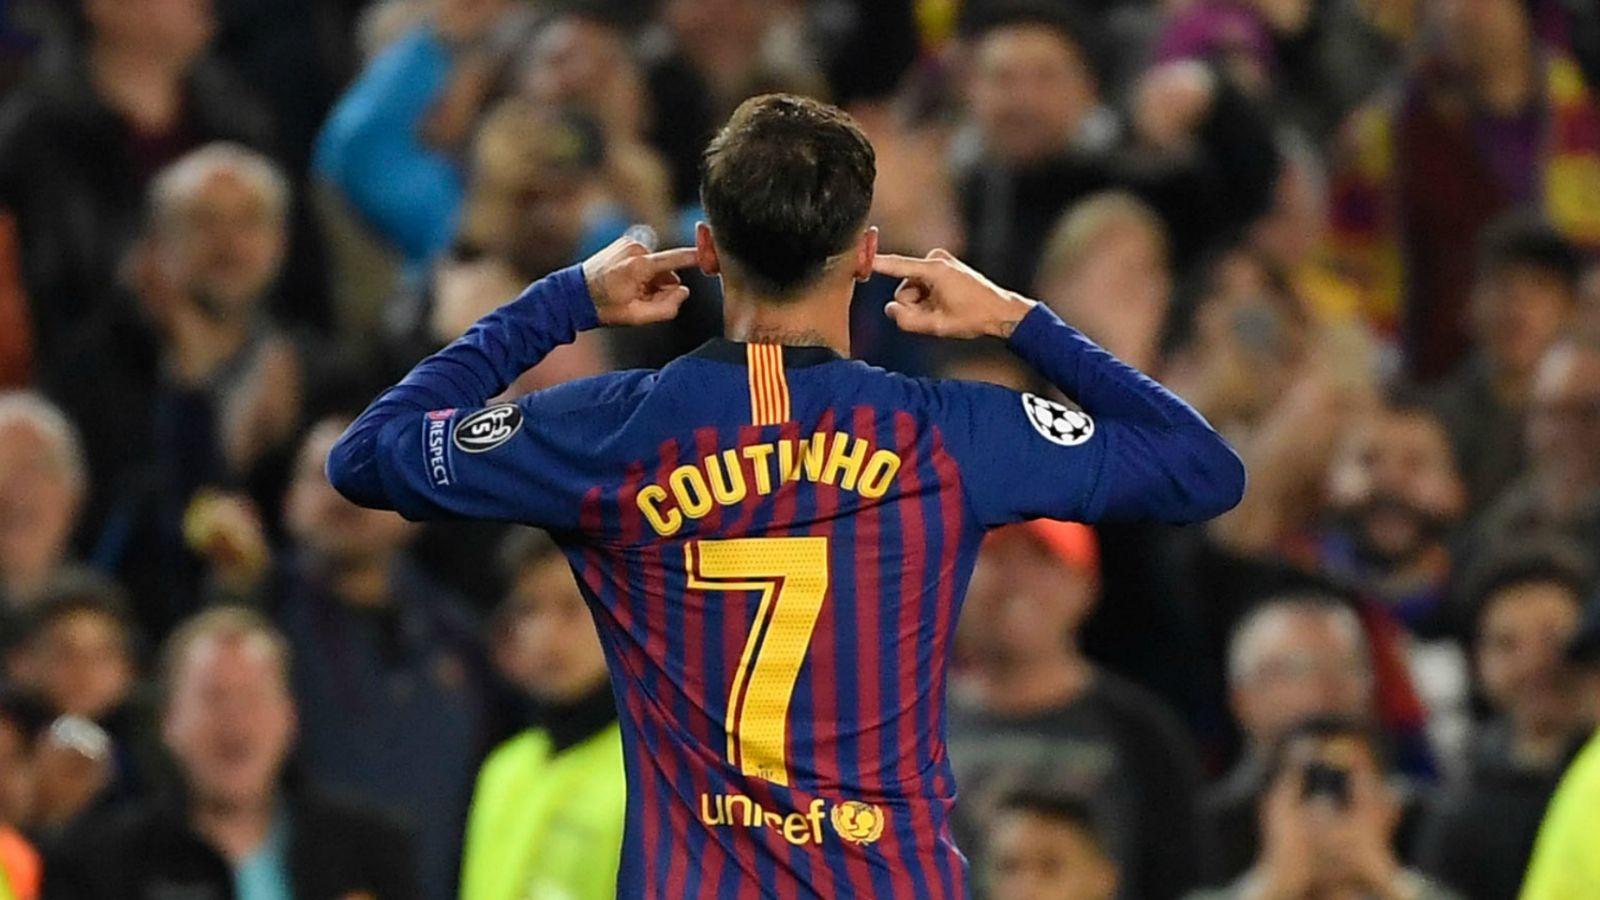 NÓNG! Coutinho chính thức hé lỗ bến đỗ mới gây sốc - Bóng Đá